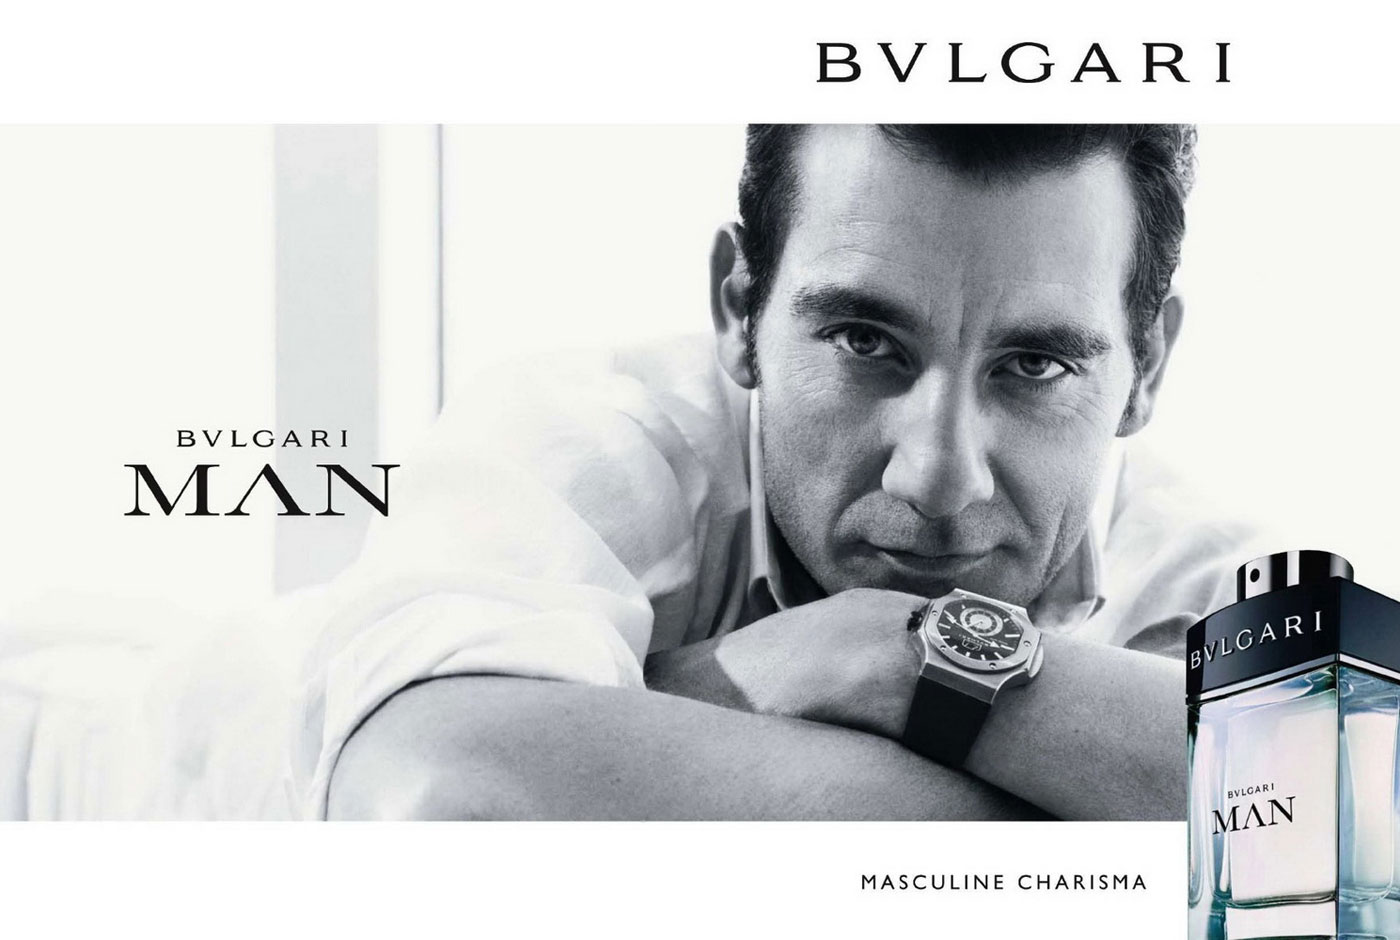 http://1.bp.blogspot.com/-W9hp_6OPn0E/UEpQaKAzBwI/AAAAAAAABWM/W5hy3nF2mjk/s1600/Clive+Owen+for+Bvlgari+Man.jpg